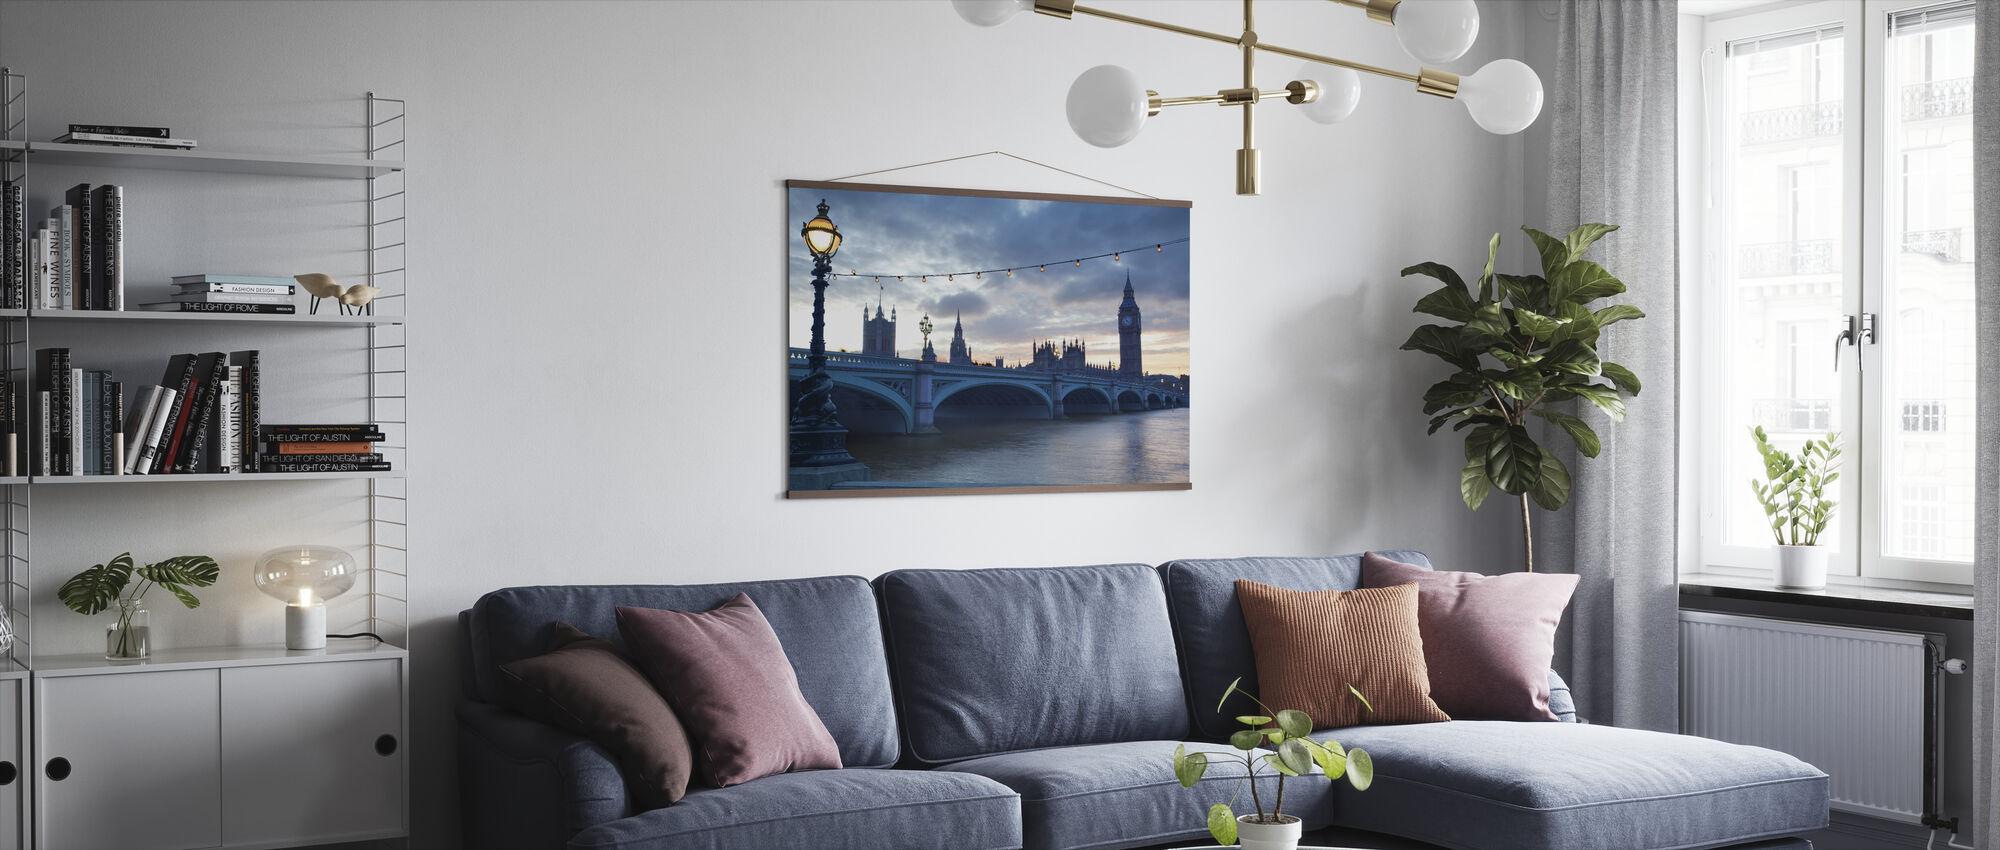 Westminster Bridge bij schemering - Poster - Woonkamer